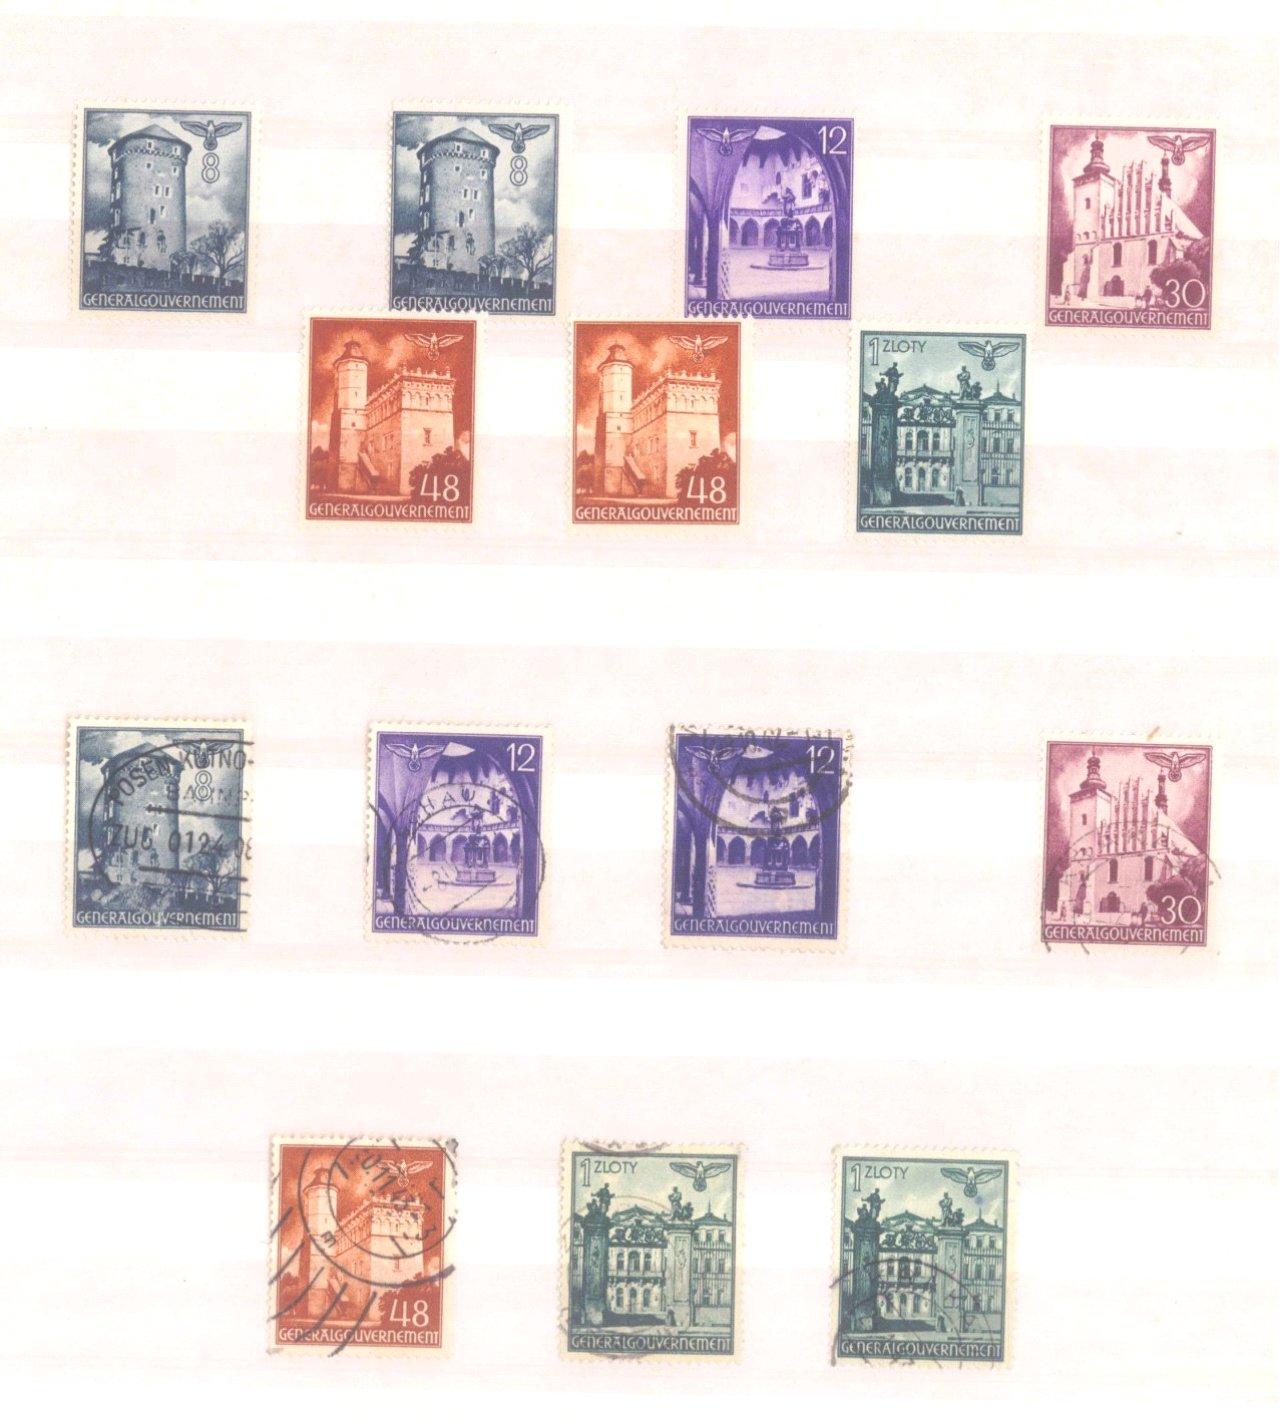 Sammlung Deutsches Reich in 2 Alben, 1933-1945-33